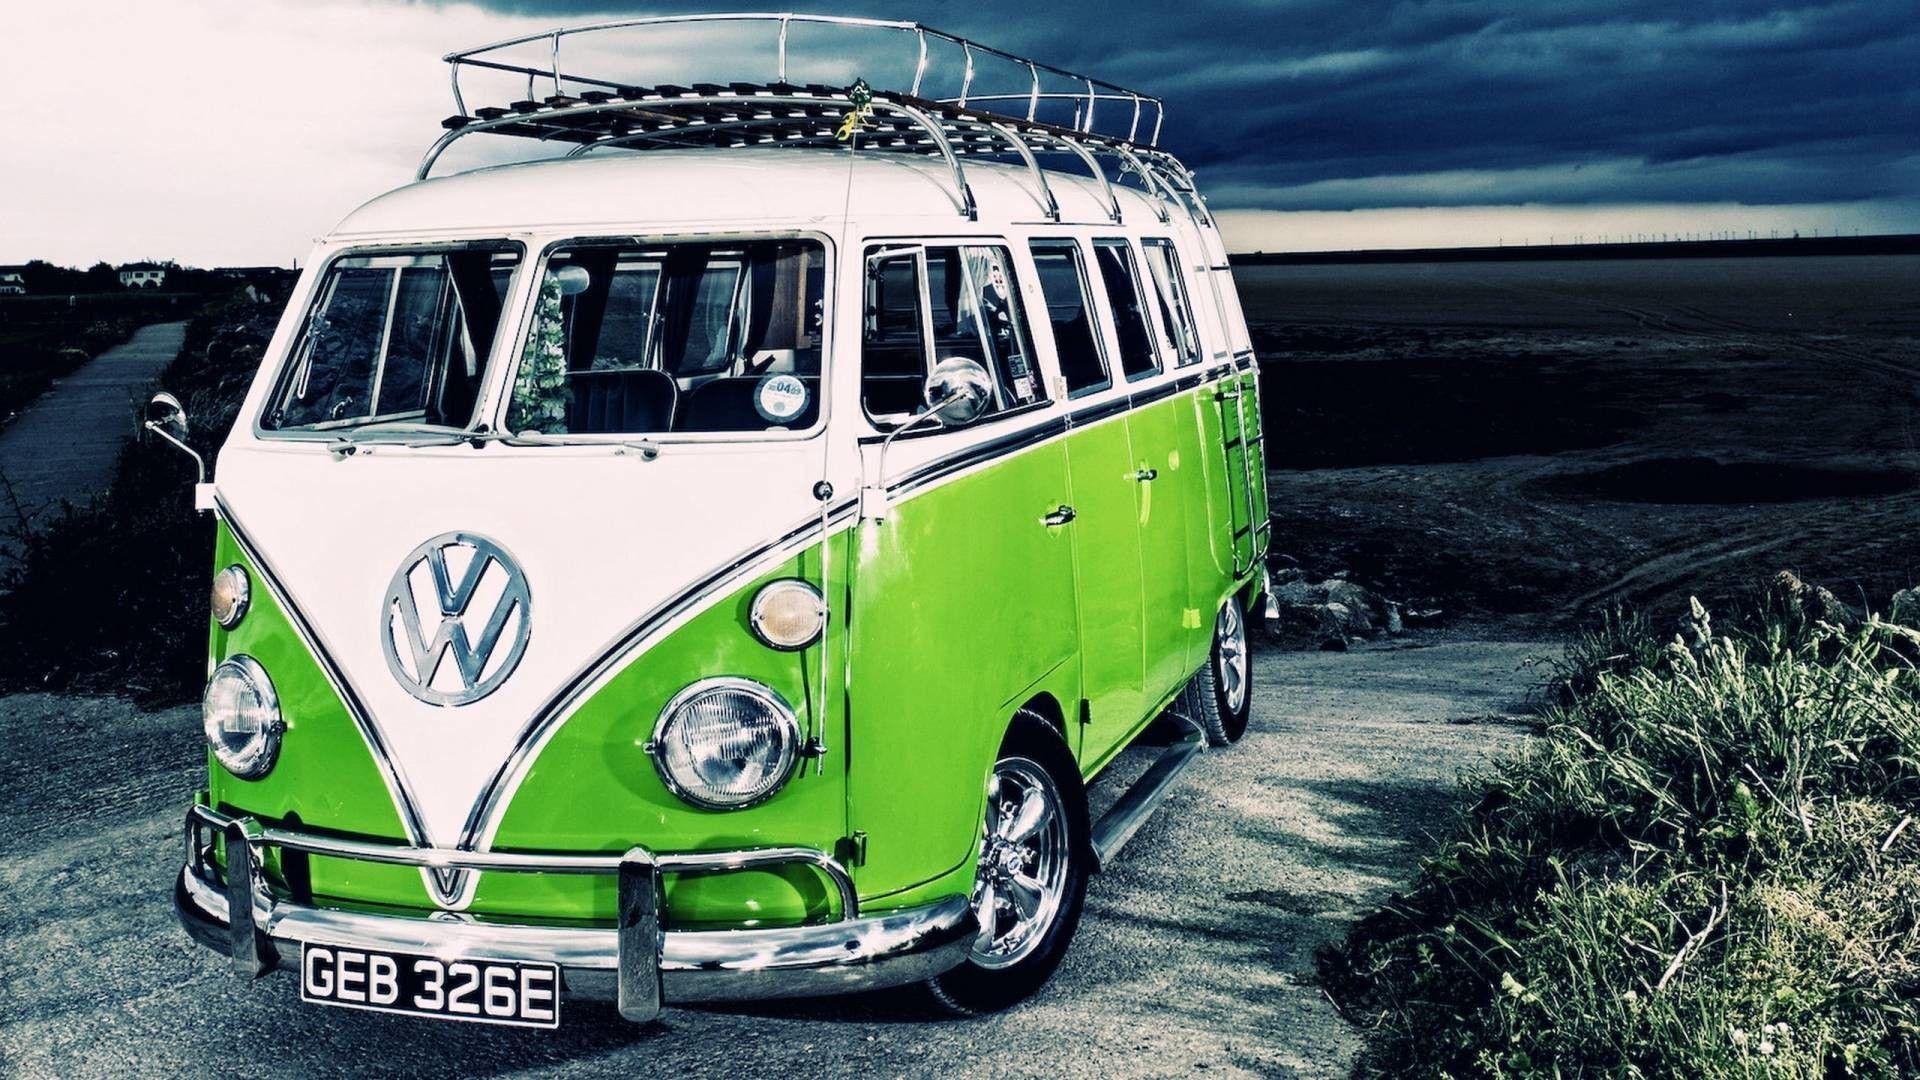 Volkswagen Van Wallpapers Top Free Volkswagen Van Backgrounds Wallpaperaccess